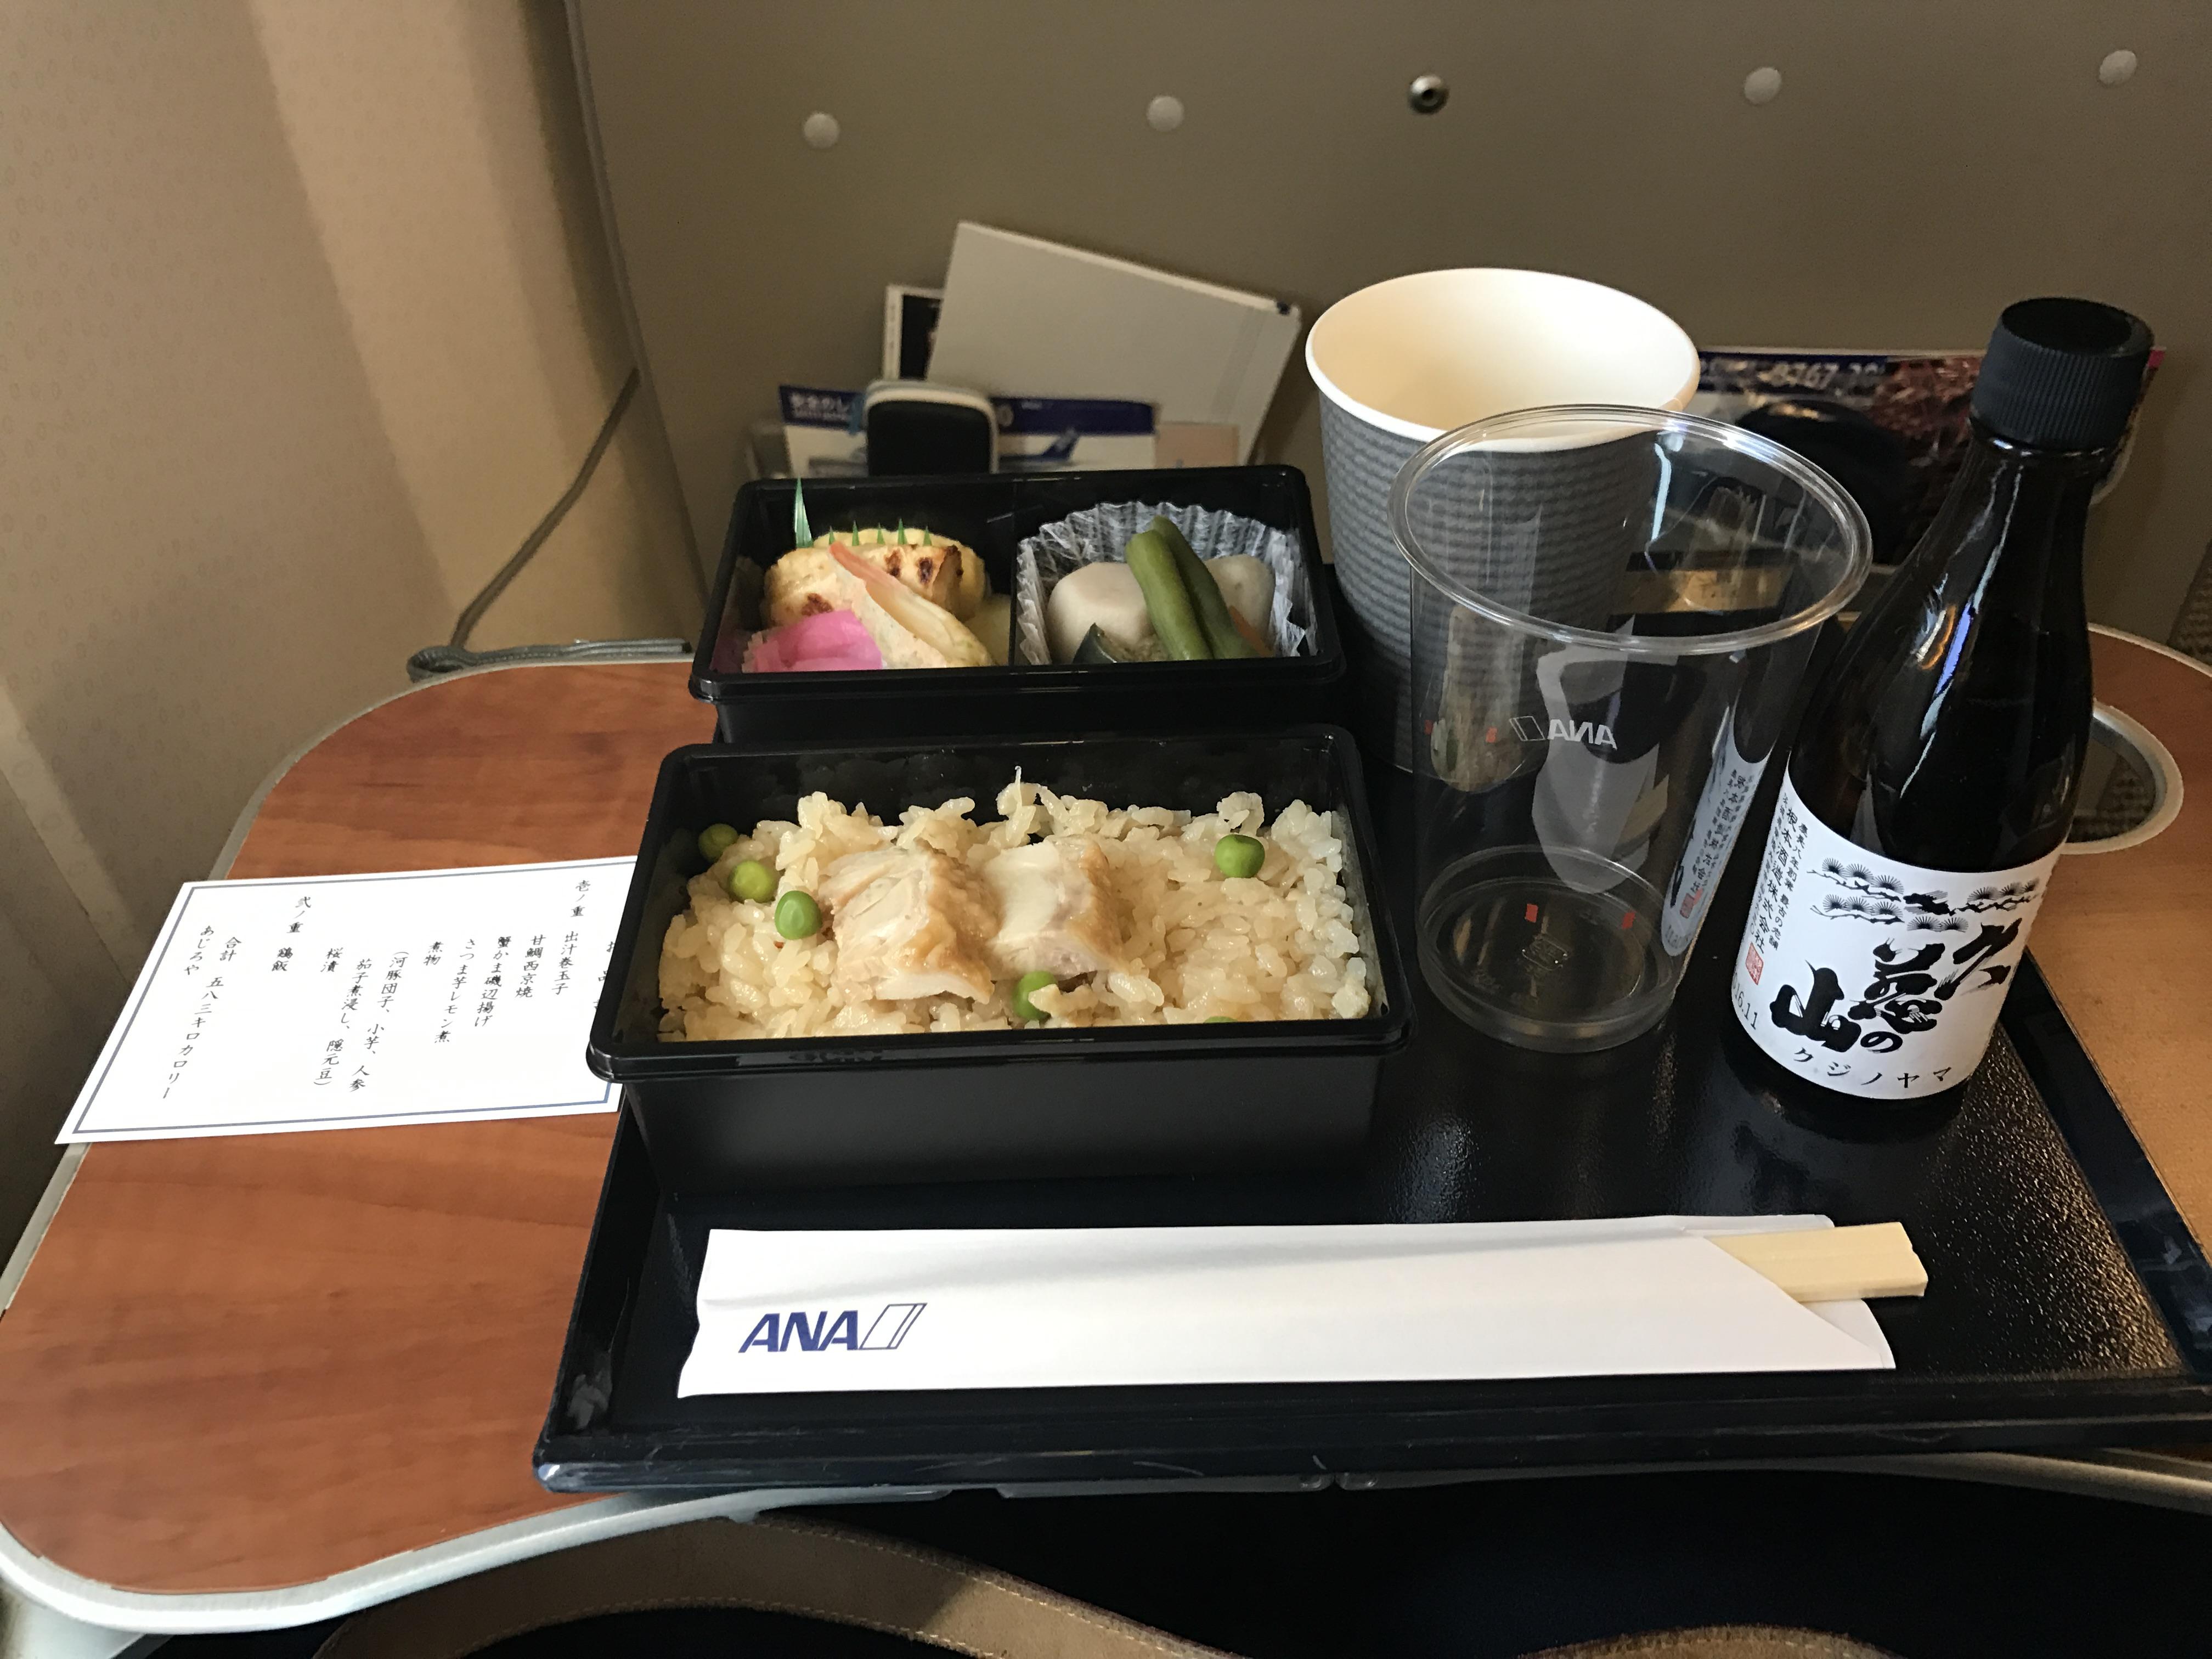 ANA プレミアムクラスのPremium GOZEN(御膳、食事)を比較してみた(広島空港発着便編)